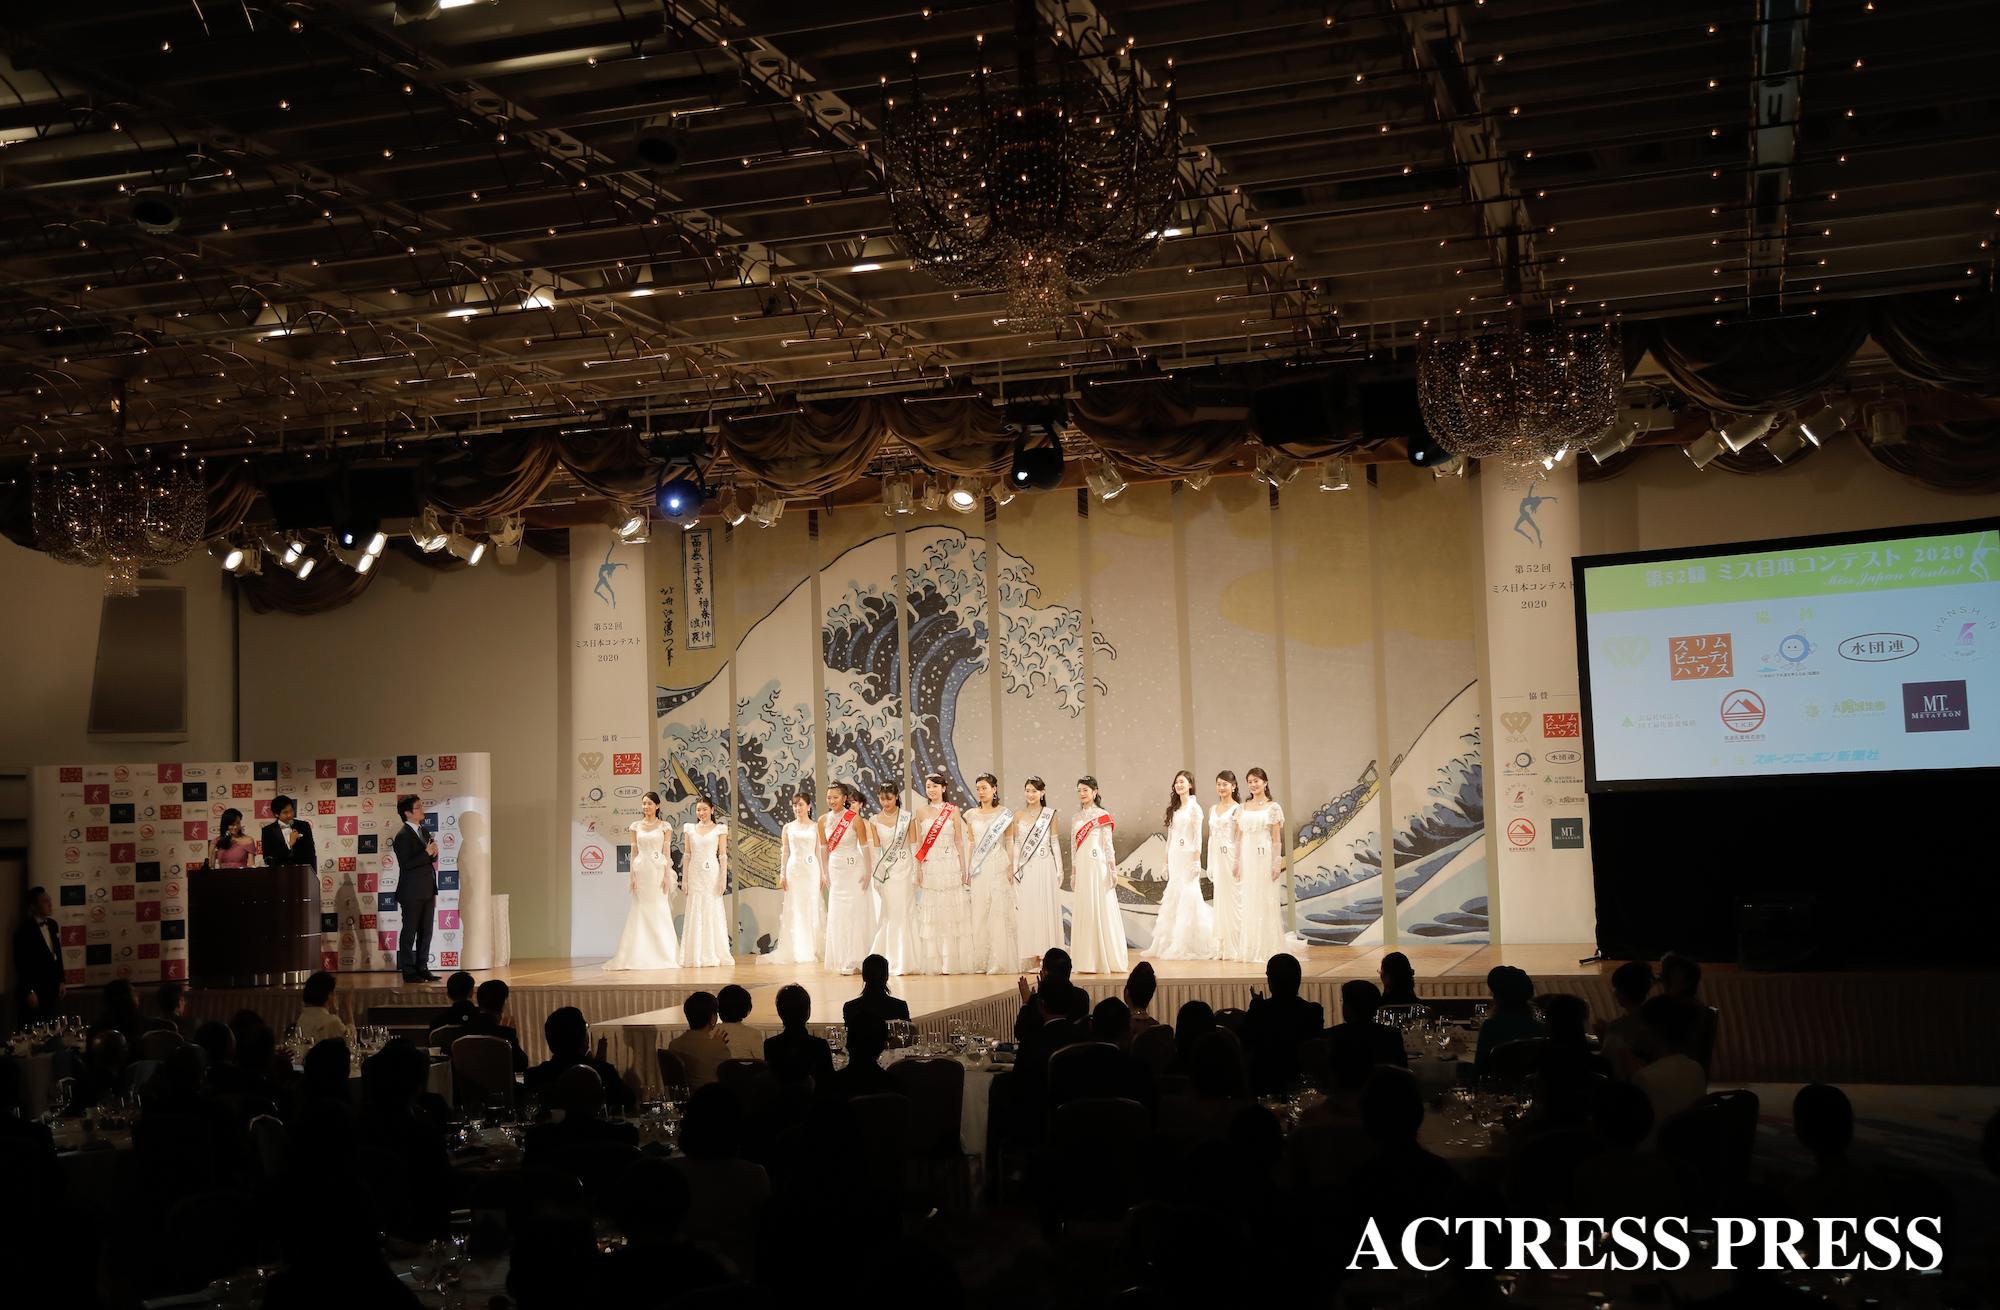 2020年1月20日(月)、『第52回ミス日本コンテスト2020』/撮影:ACTRESS PRESS編集部